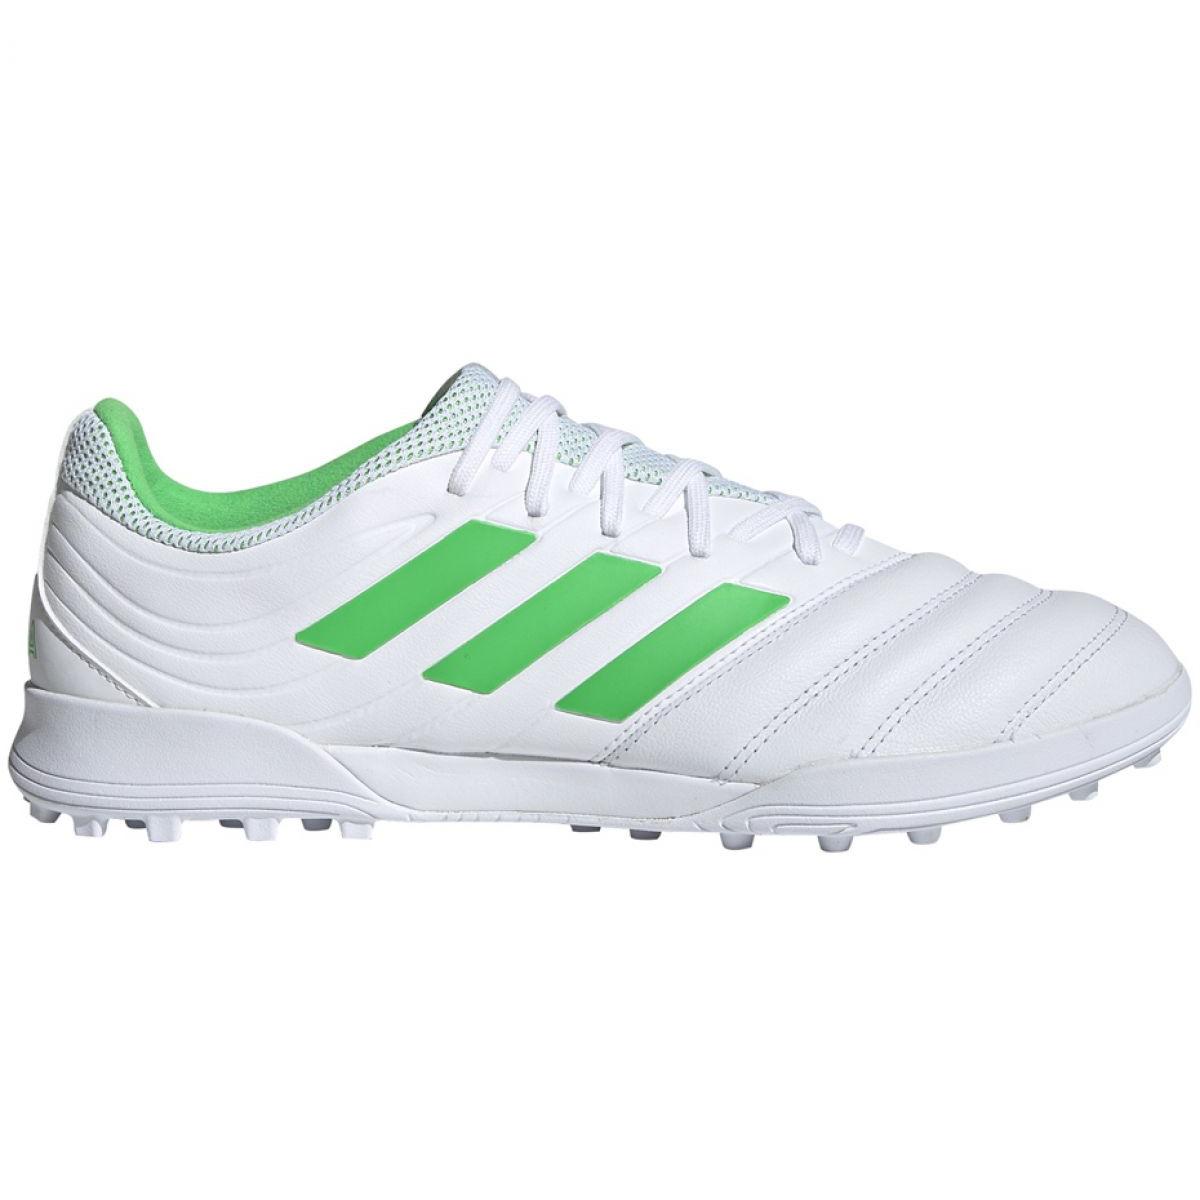 Fussballschuhe Adidas Copa 19 3 Tf M D98064 Weiss Weiss